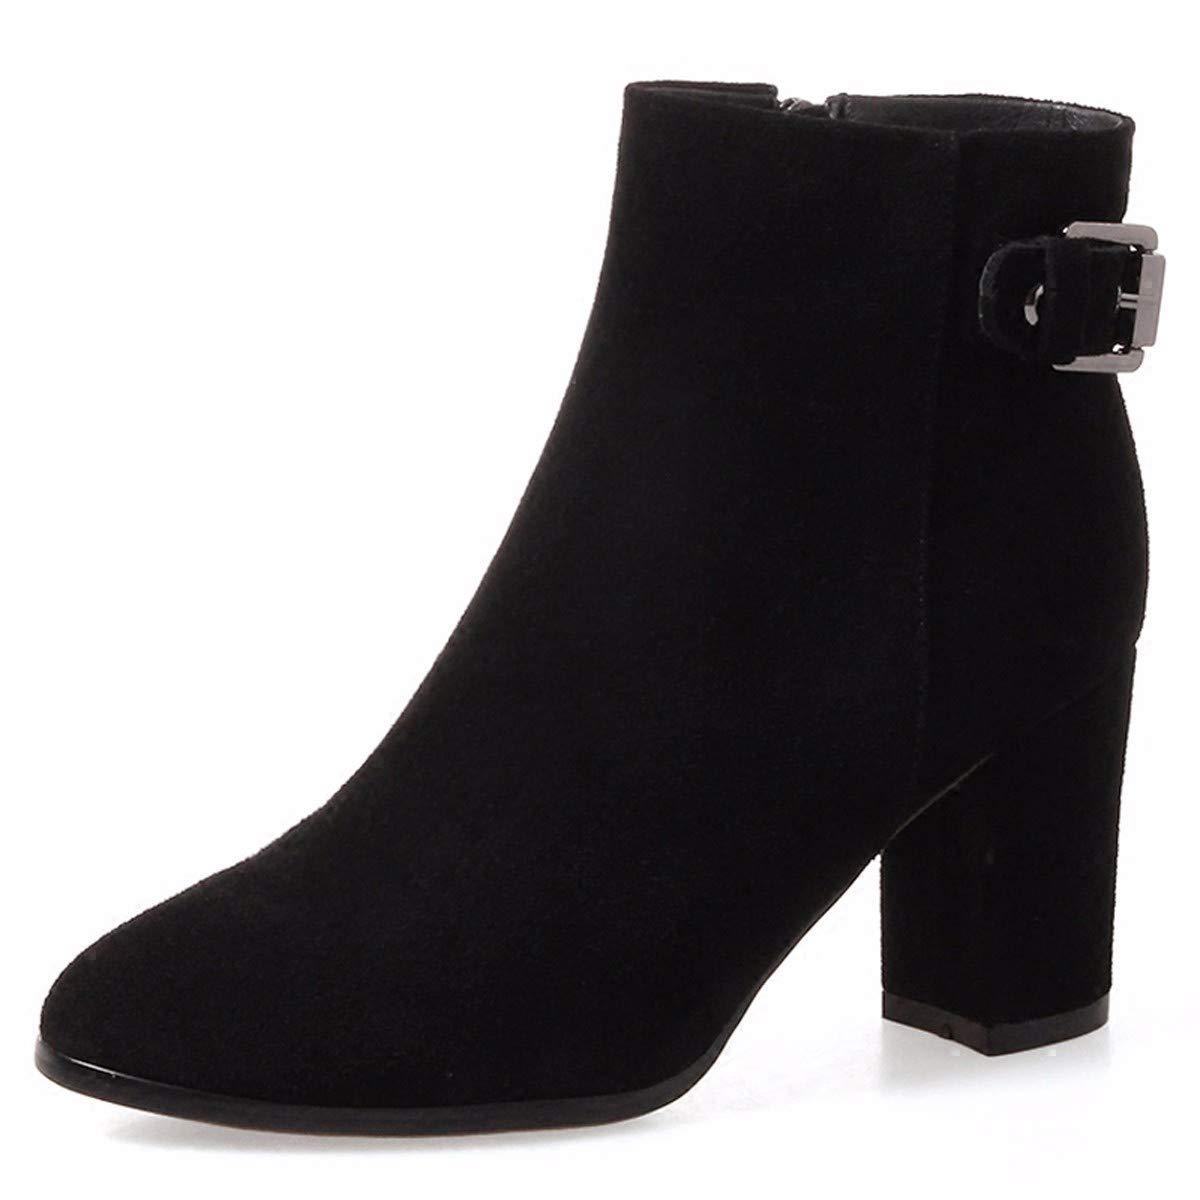 HBDLH Damenschuhe Herbst Stiefel, Meine Damen, An Stiefeln, Dicken Sohle Stiefel, Einzelne Schuhe, Herbst - Winter - Stiefel, 7Cm